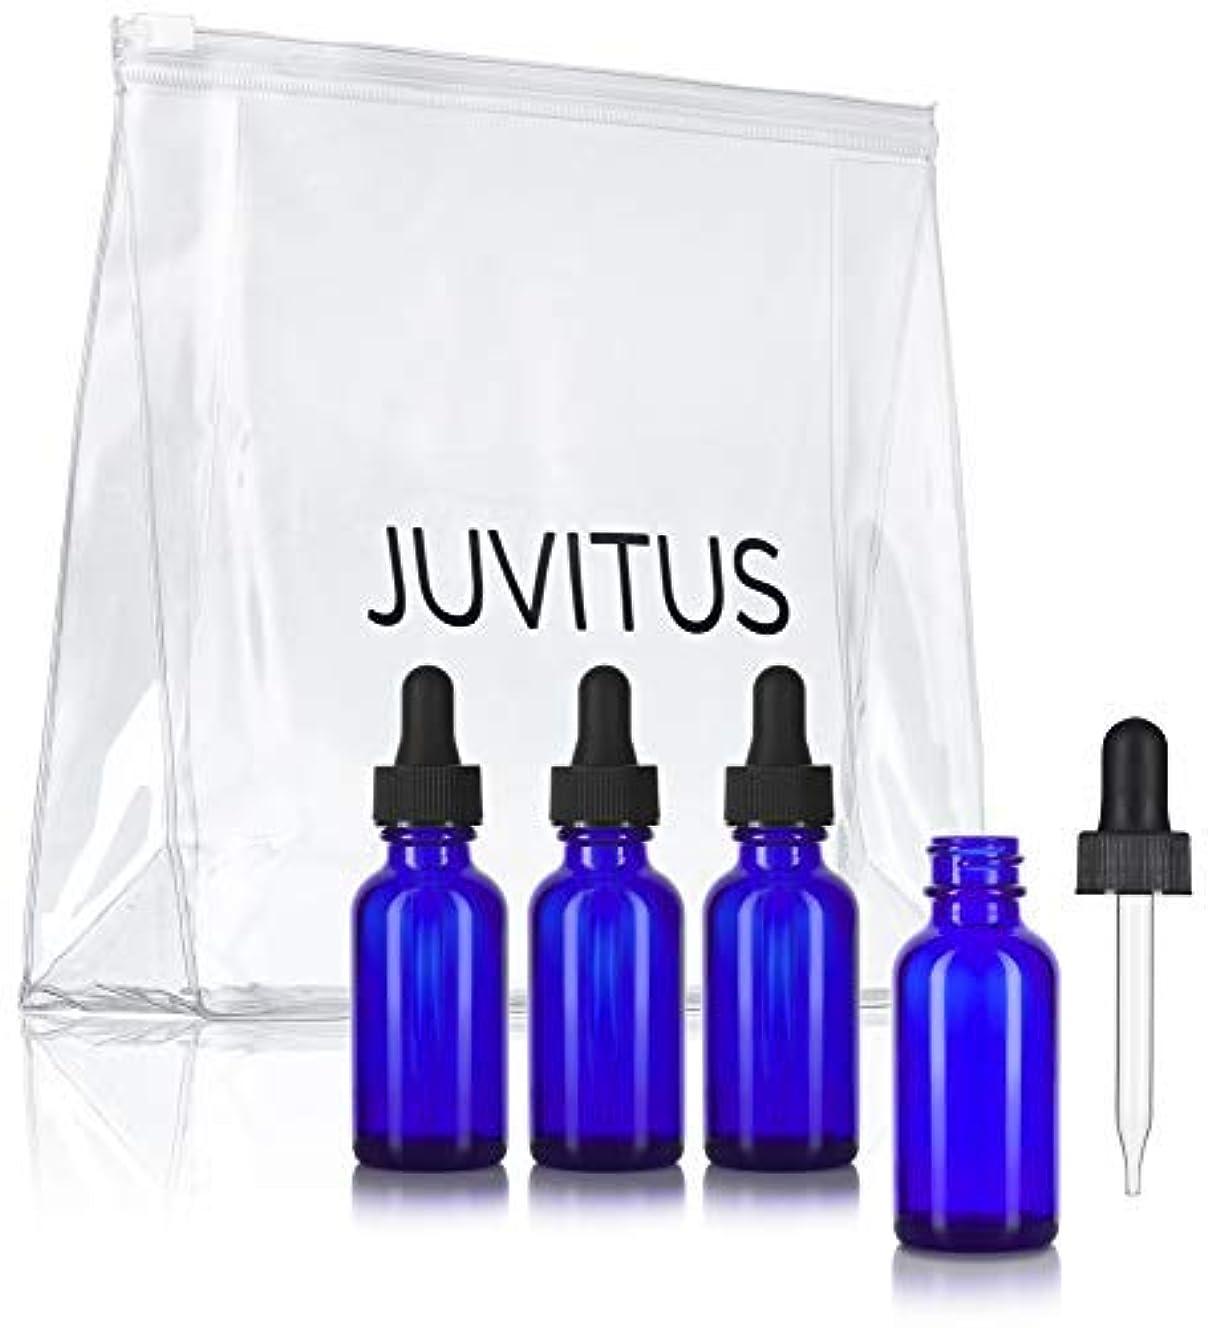 キリスト教列車タックCobalt Blue Glass Boston Round Dropper Bottle - 1 oz (4 Pack) + Clear Travel Bag for Essential Oils, Aromatherapy...